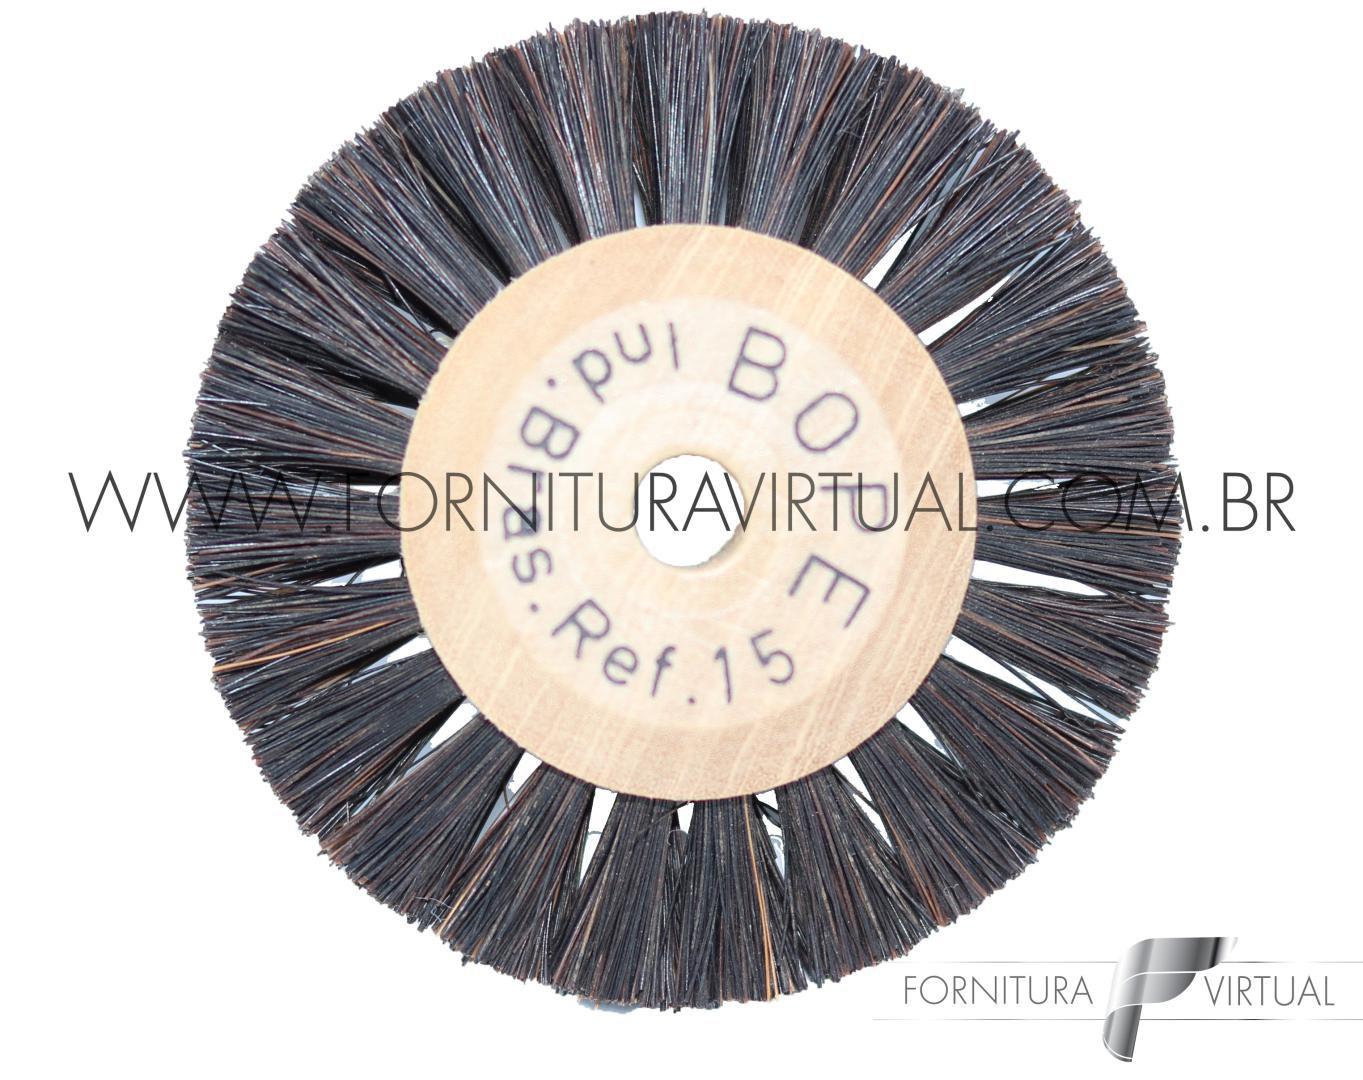 Escova Rotativa de Crina nº 15 - BOPE